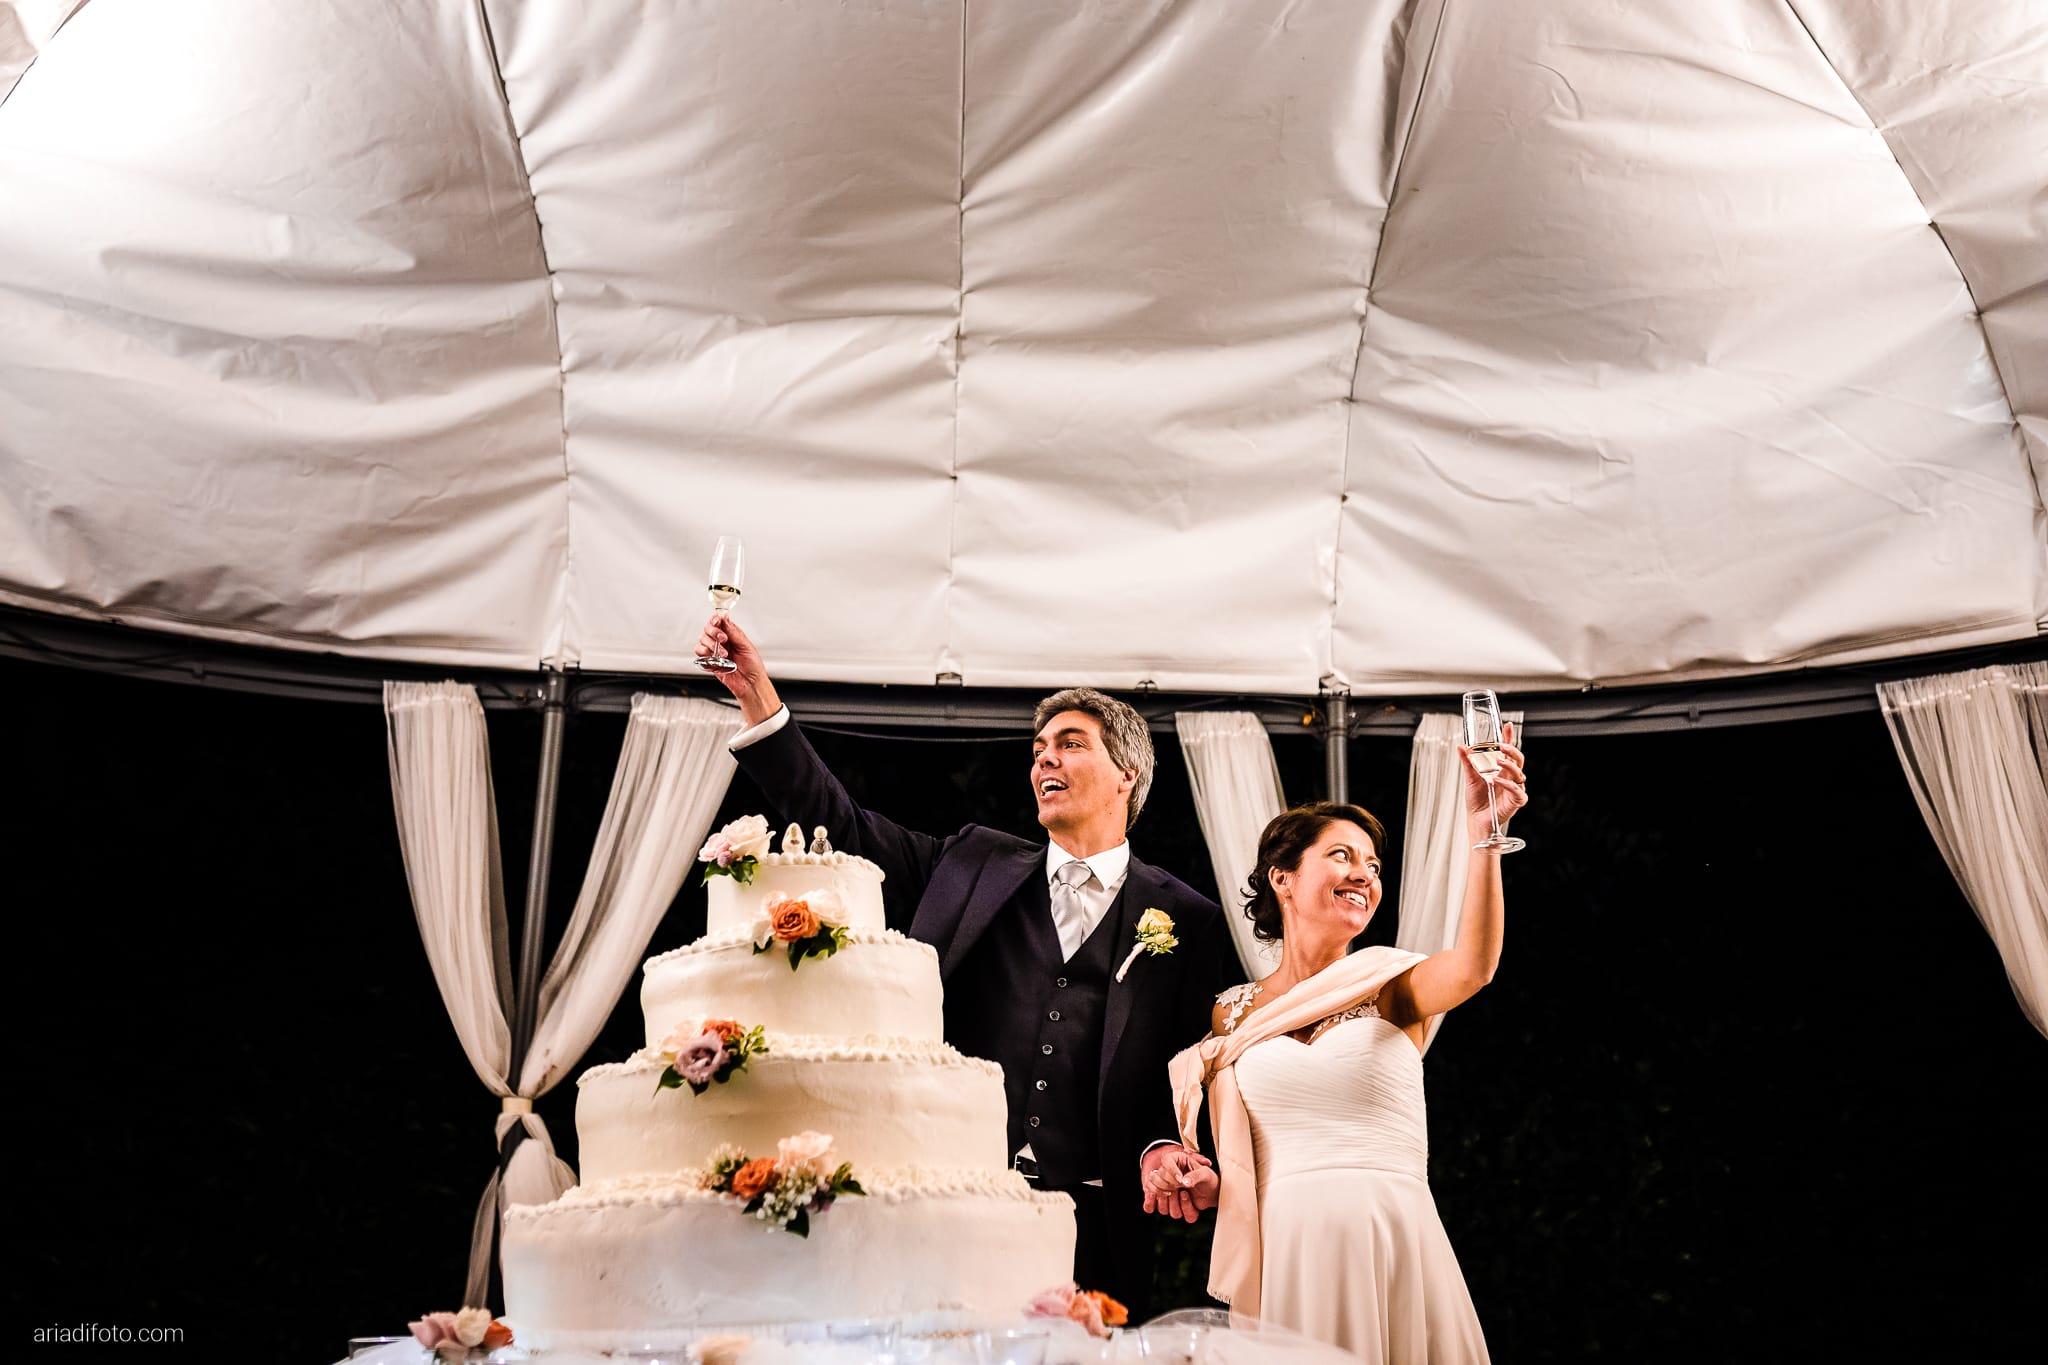 Tatiana Marco Matrimonio Trieste Baronesse Tacco San Floriano Collio Gorizia ricevimento taglio della torta